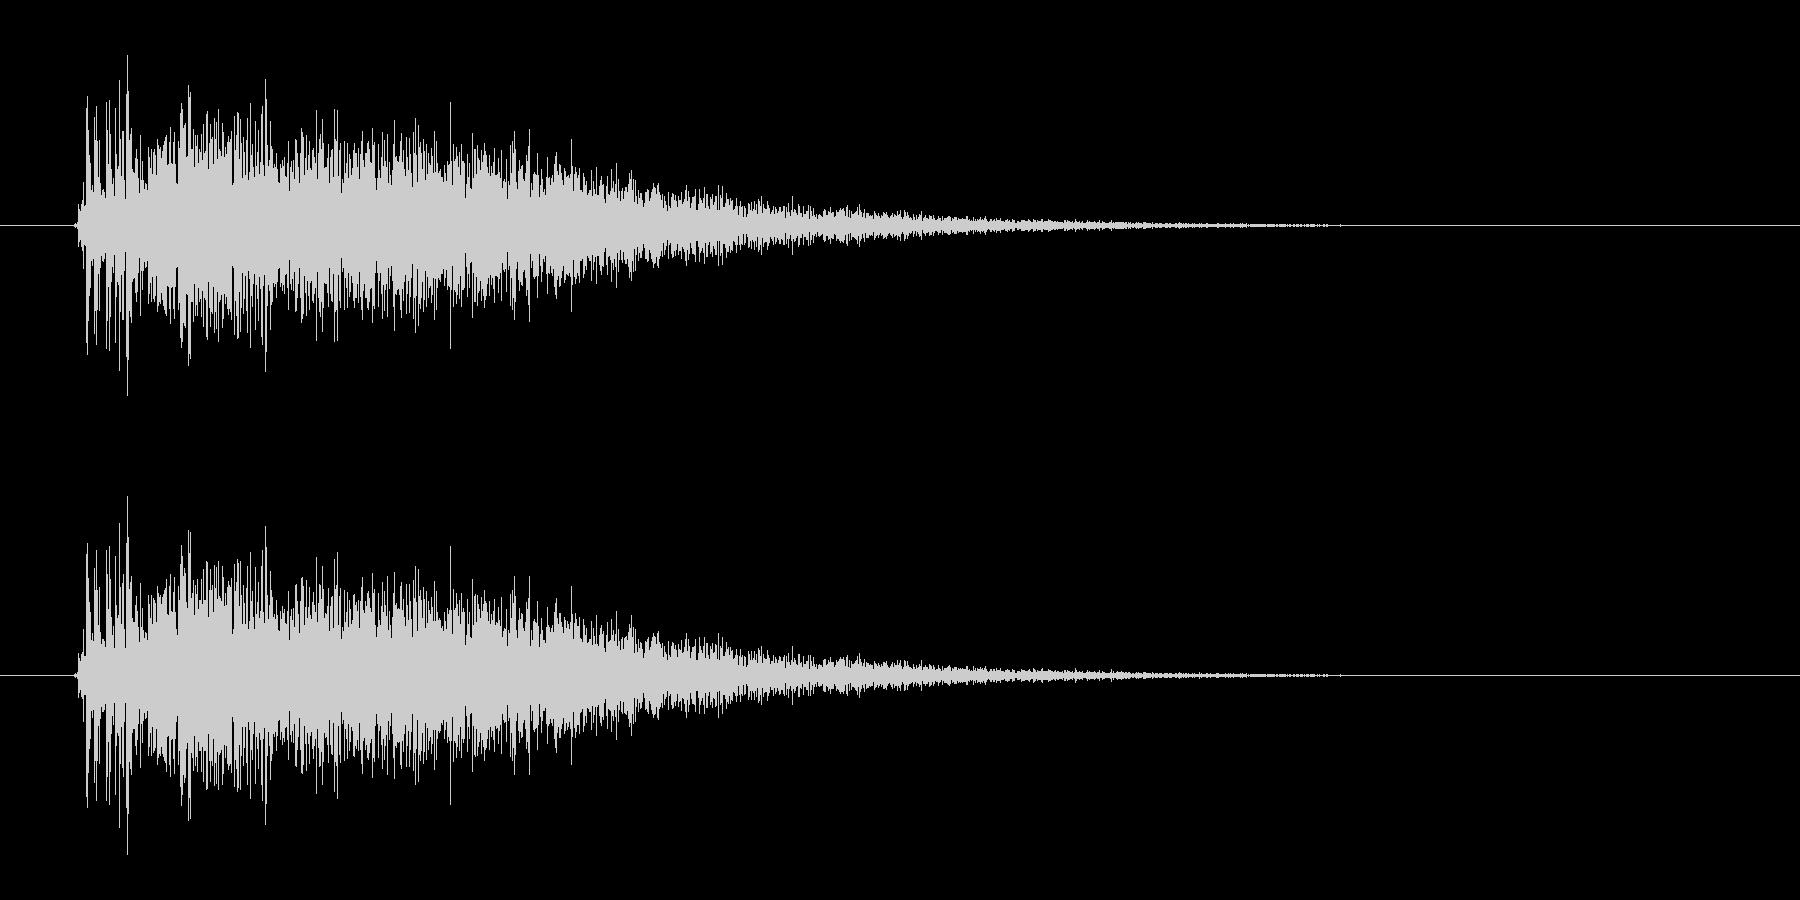 レーザー音-13-3の未再生の波形